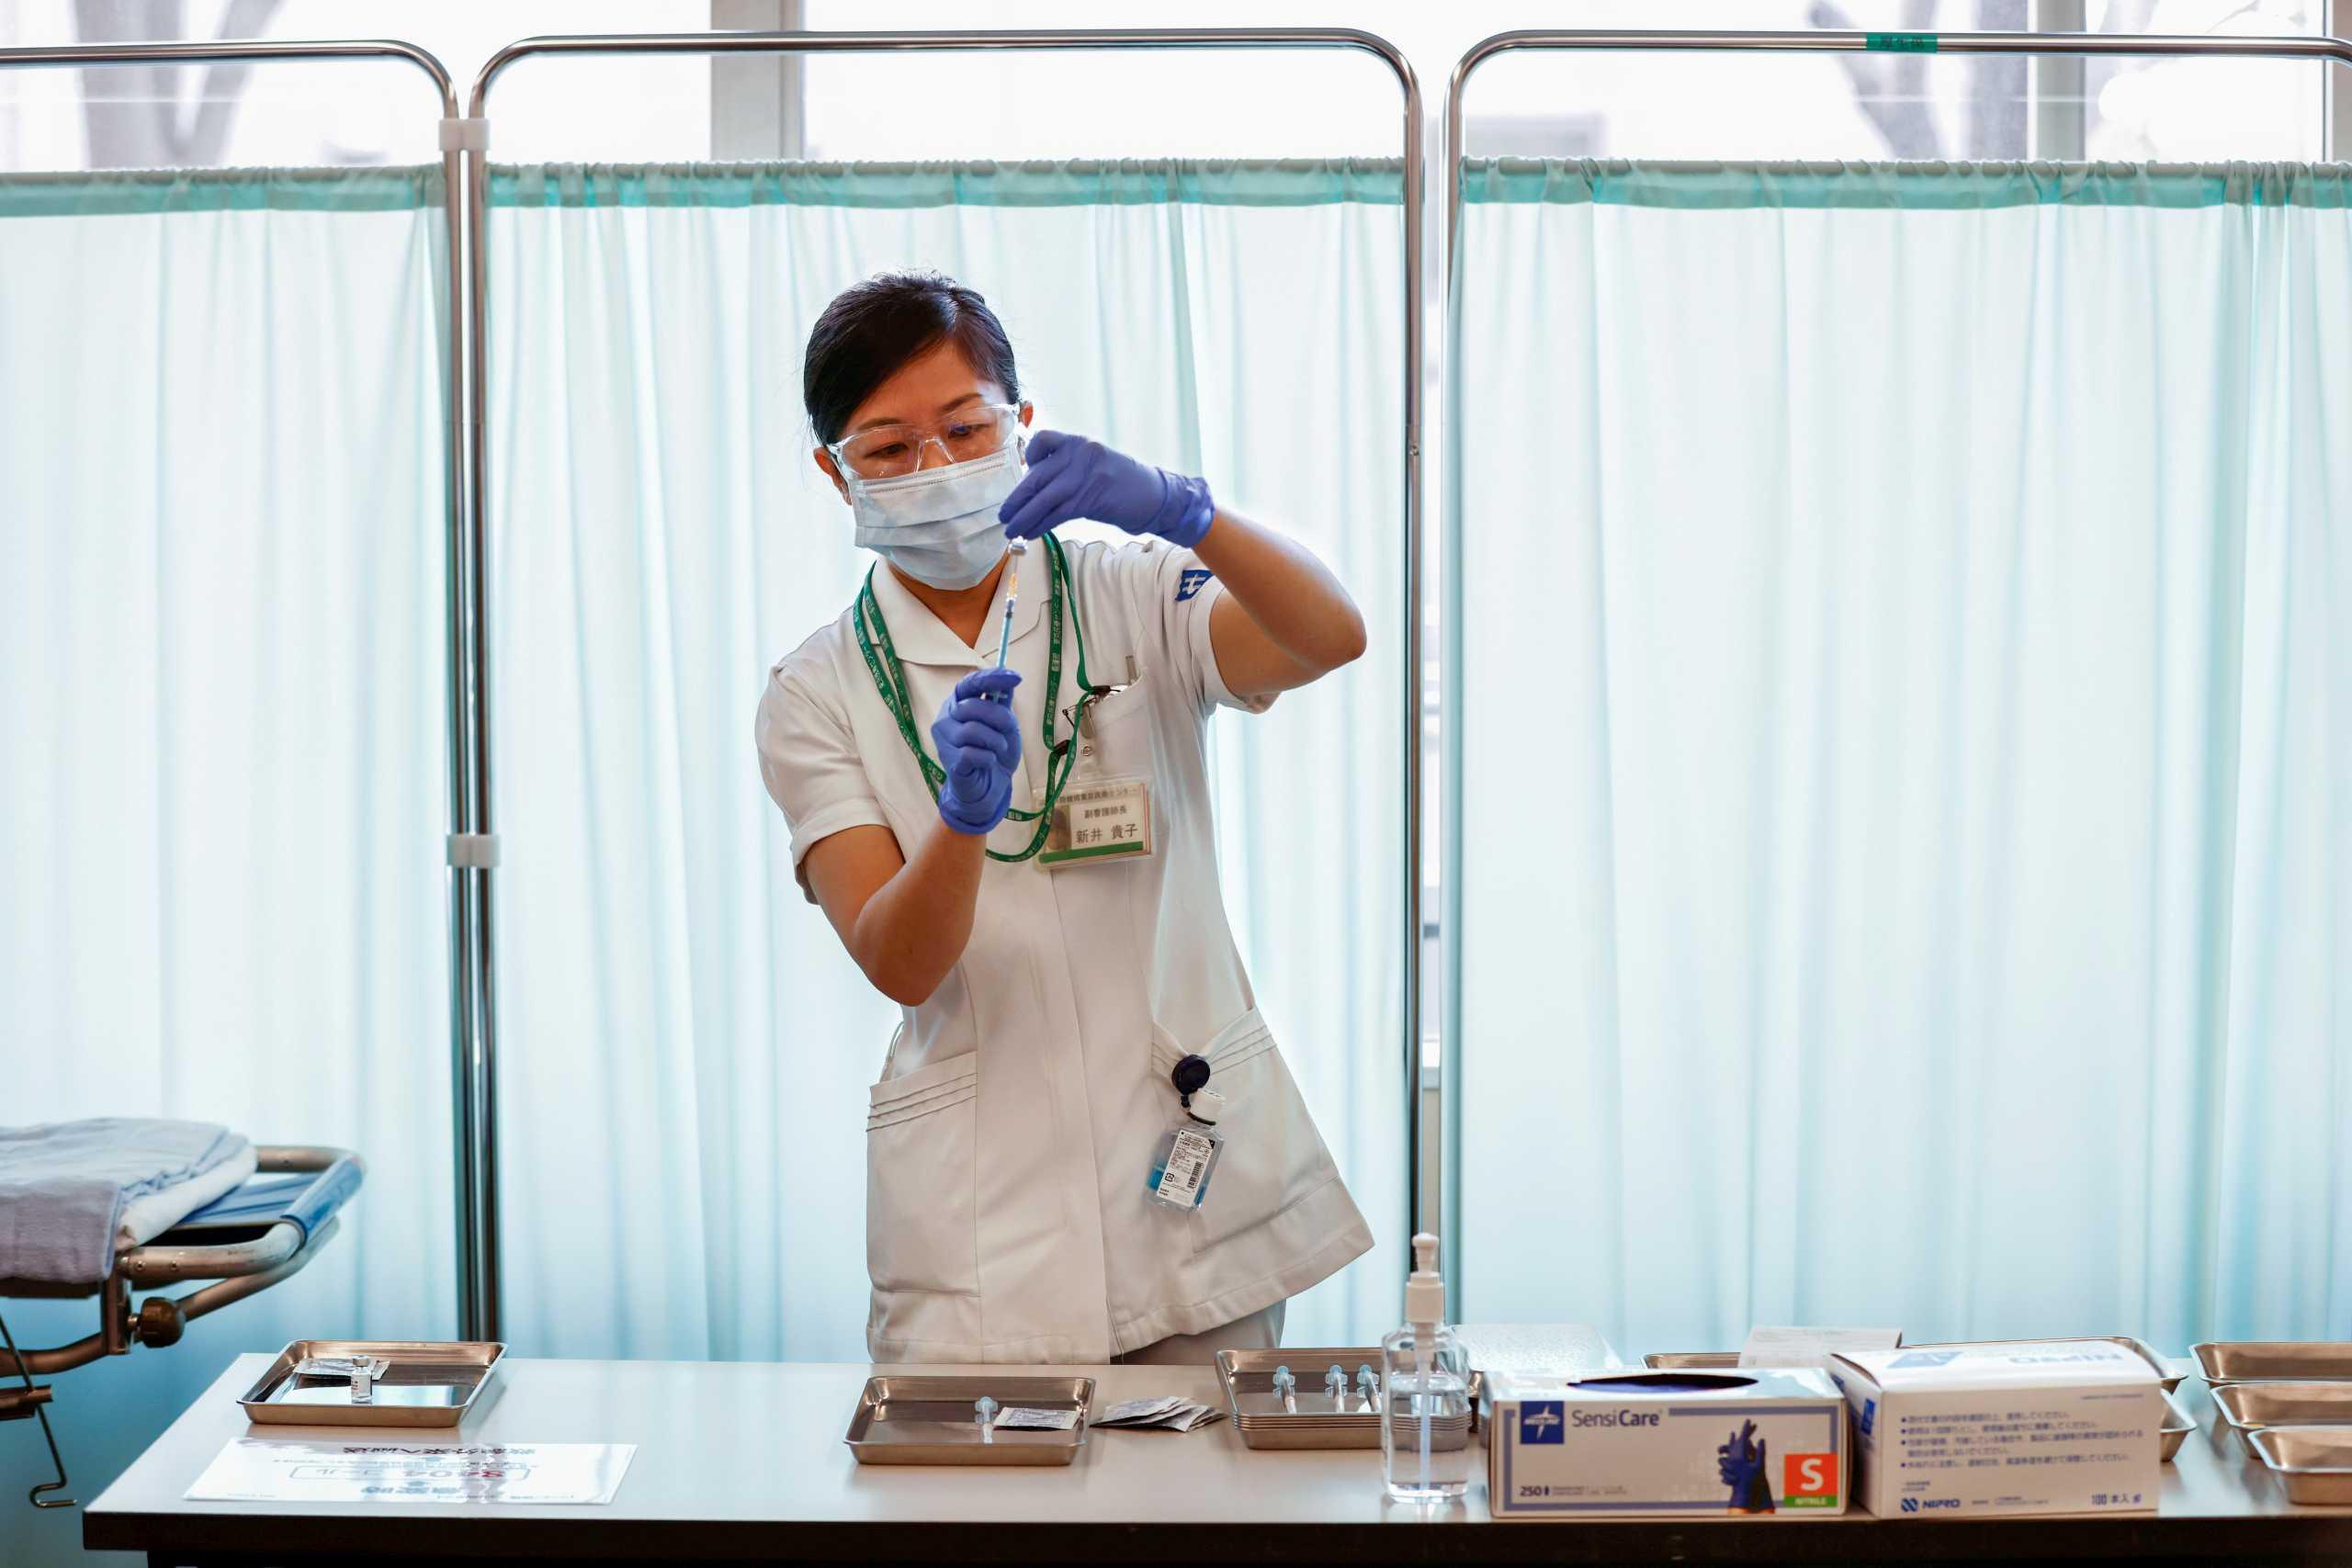 Κορονοϊός: Το Πεκίνο ενέκρινε δύο νέα κινεζικά εμβόλια